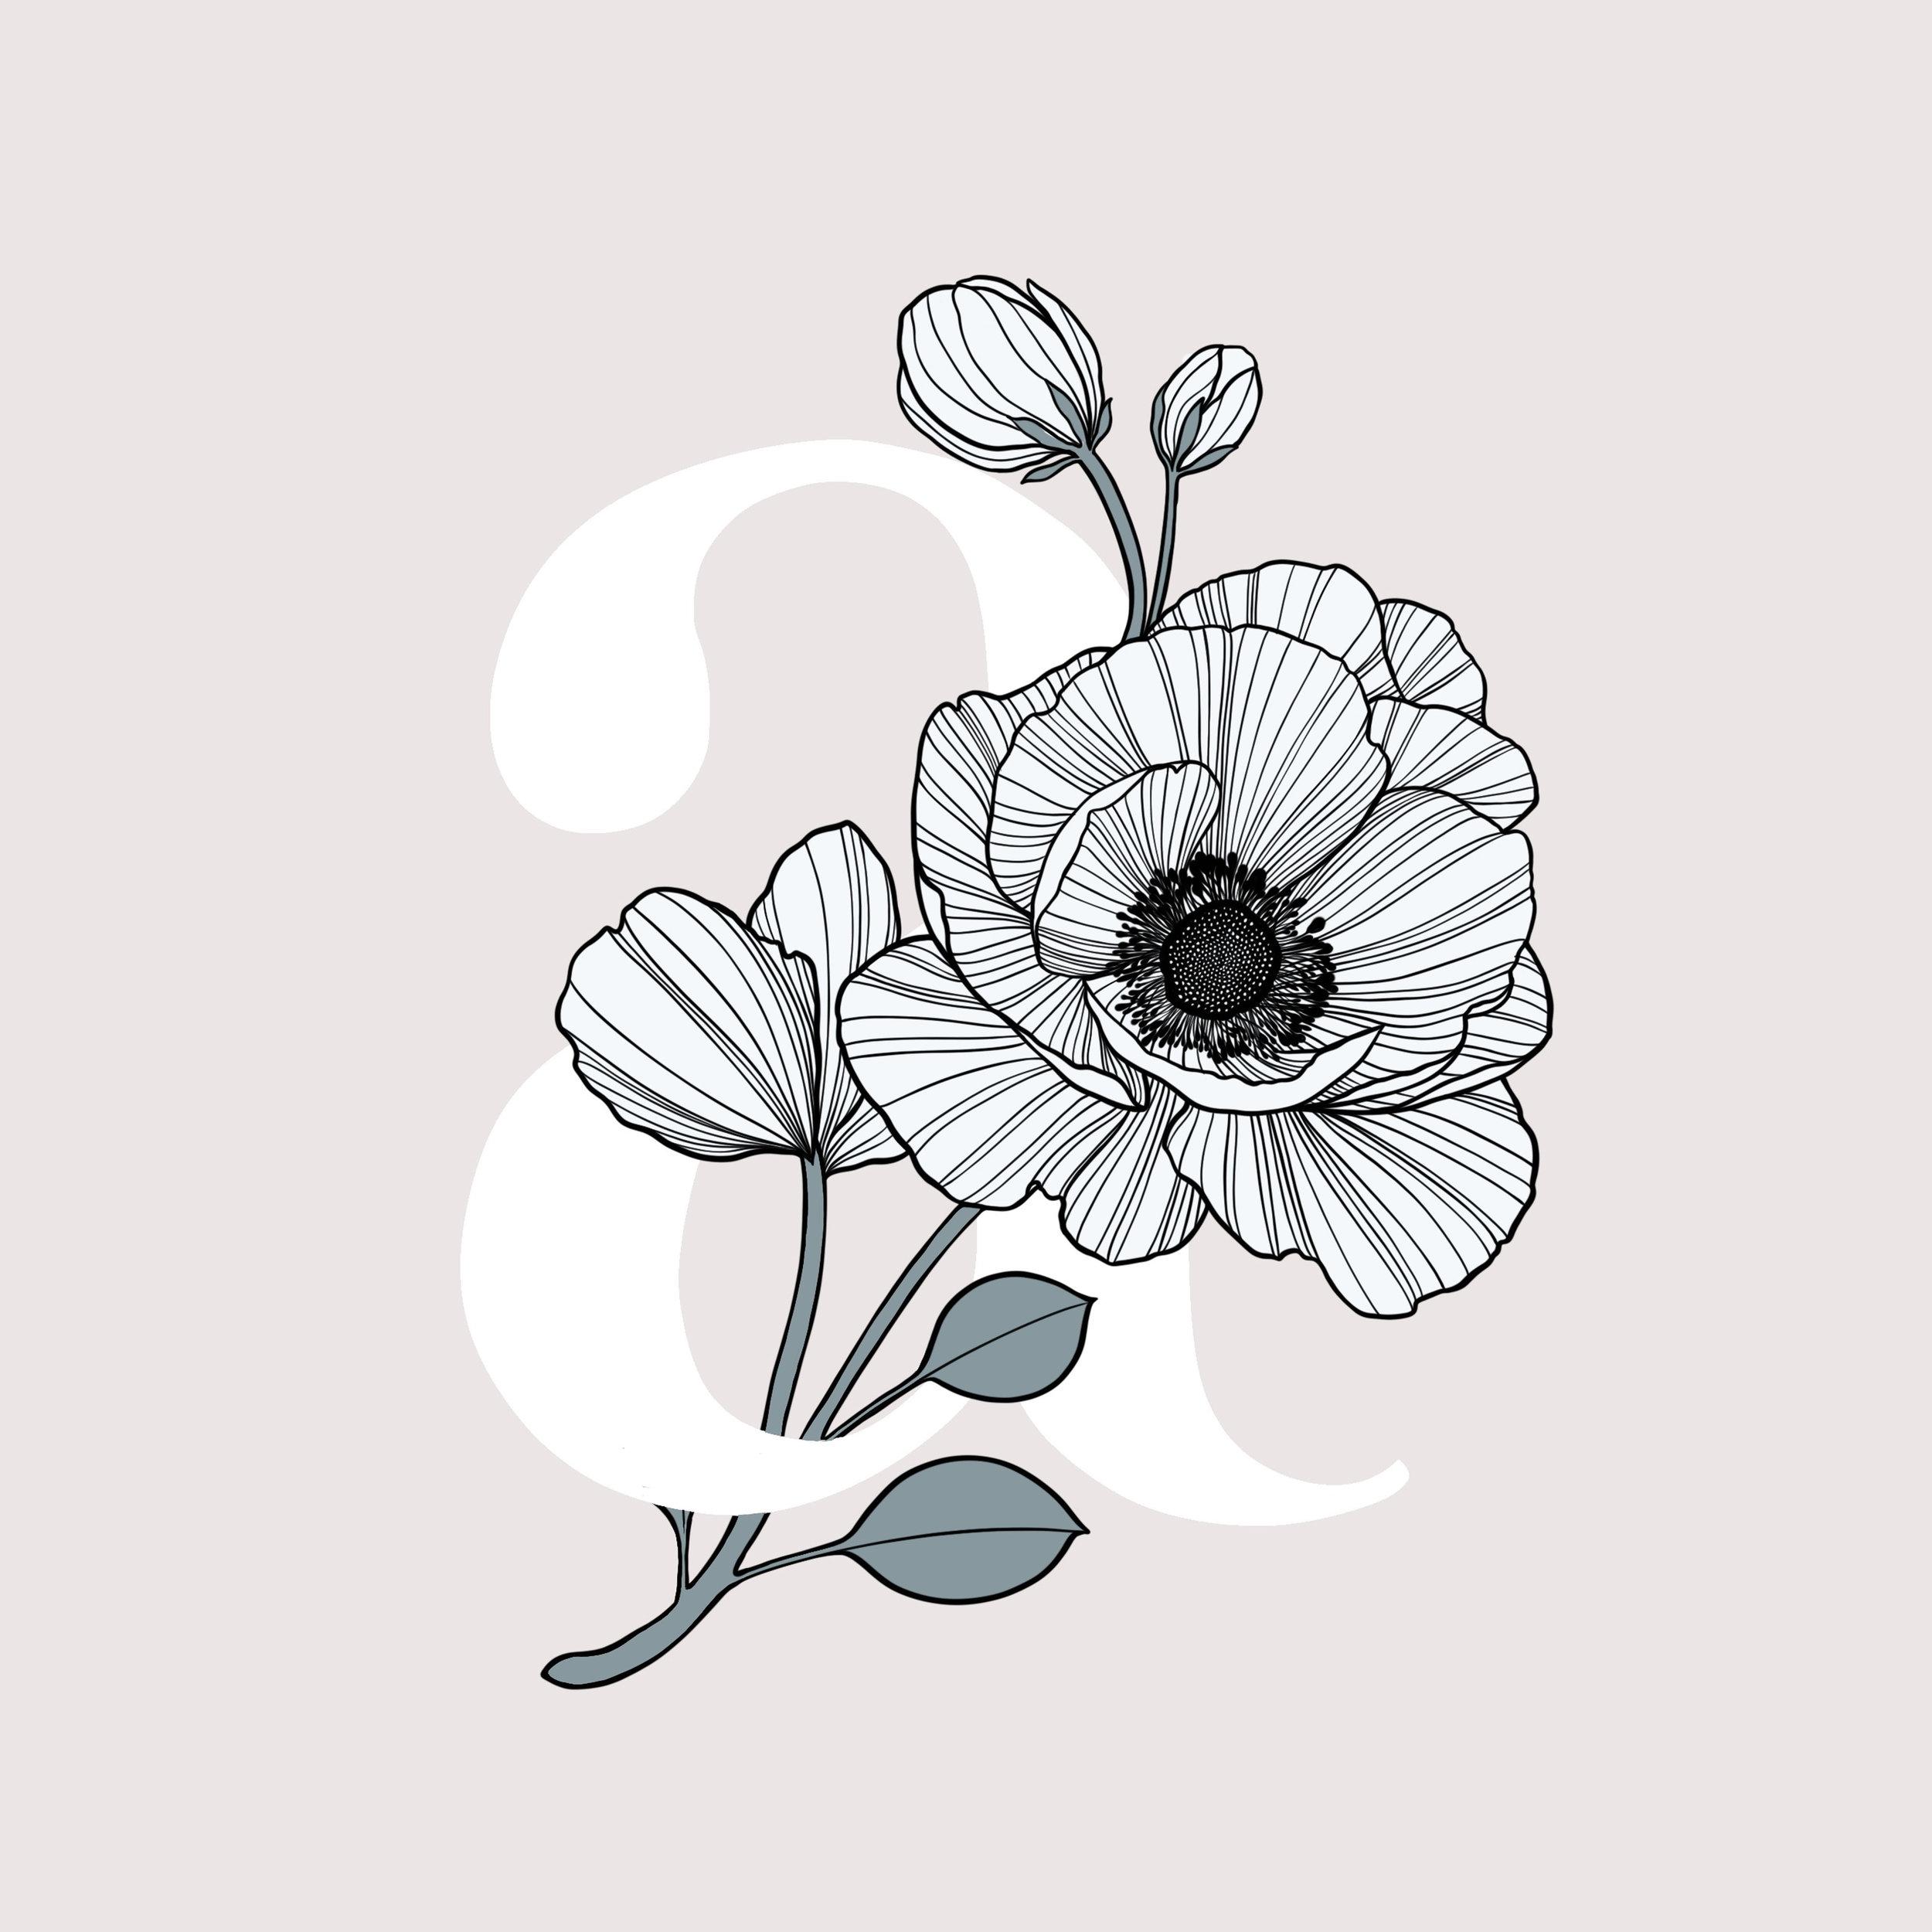 floral-alphabet-design-letter-a.jpg